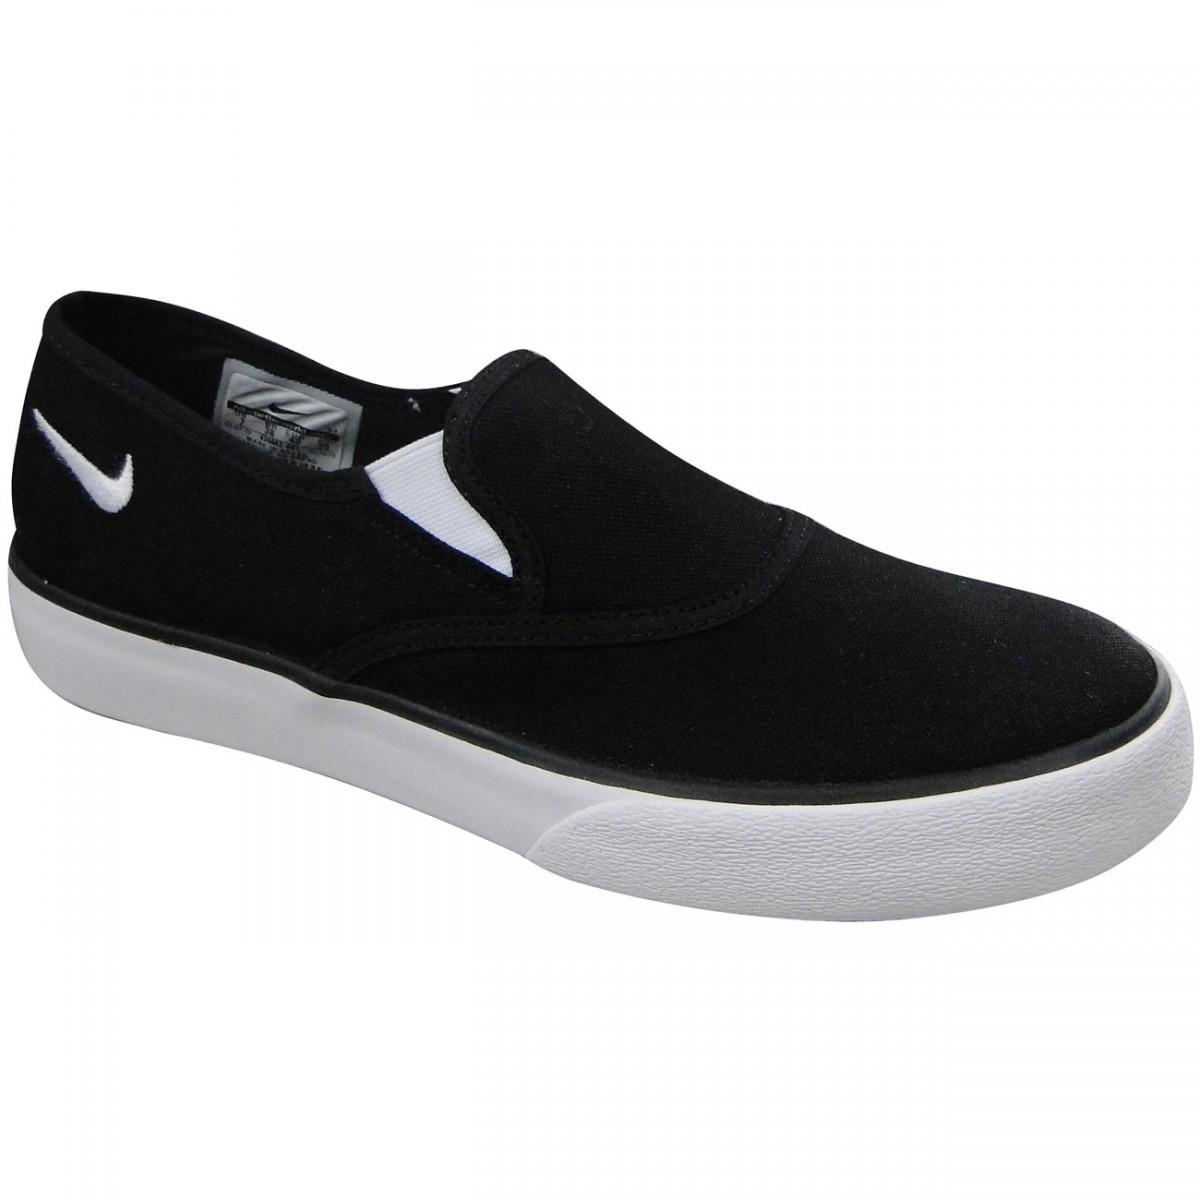 69d3e60d37 TENIS NIKE SPRING SLIP-ON 455662-001 - PRETO BRANCO - Chuteira Nike ...